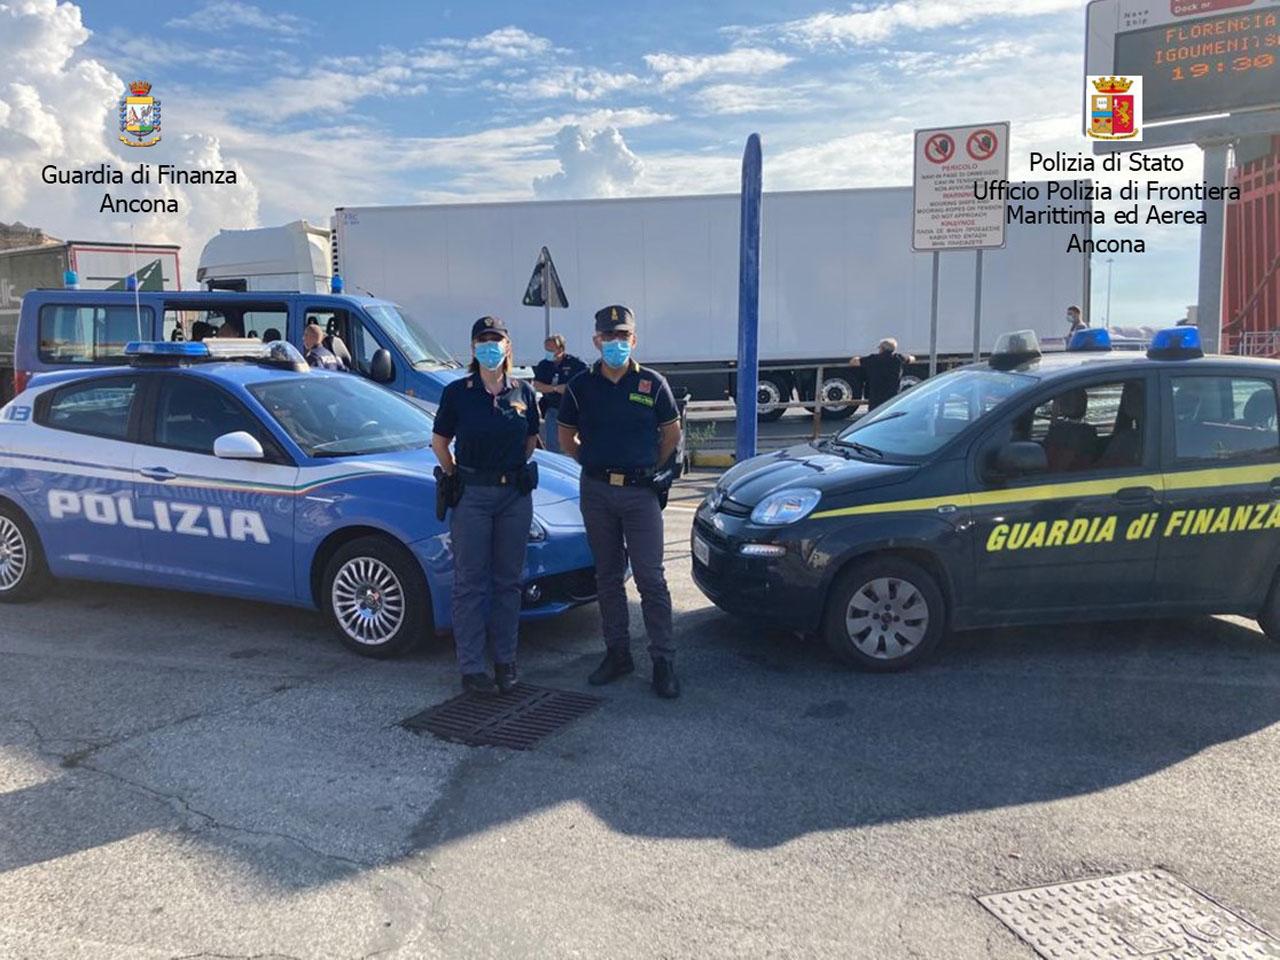 La Guardia di Finanza dorica nel porto di Ancona